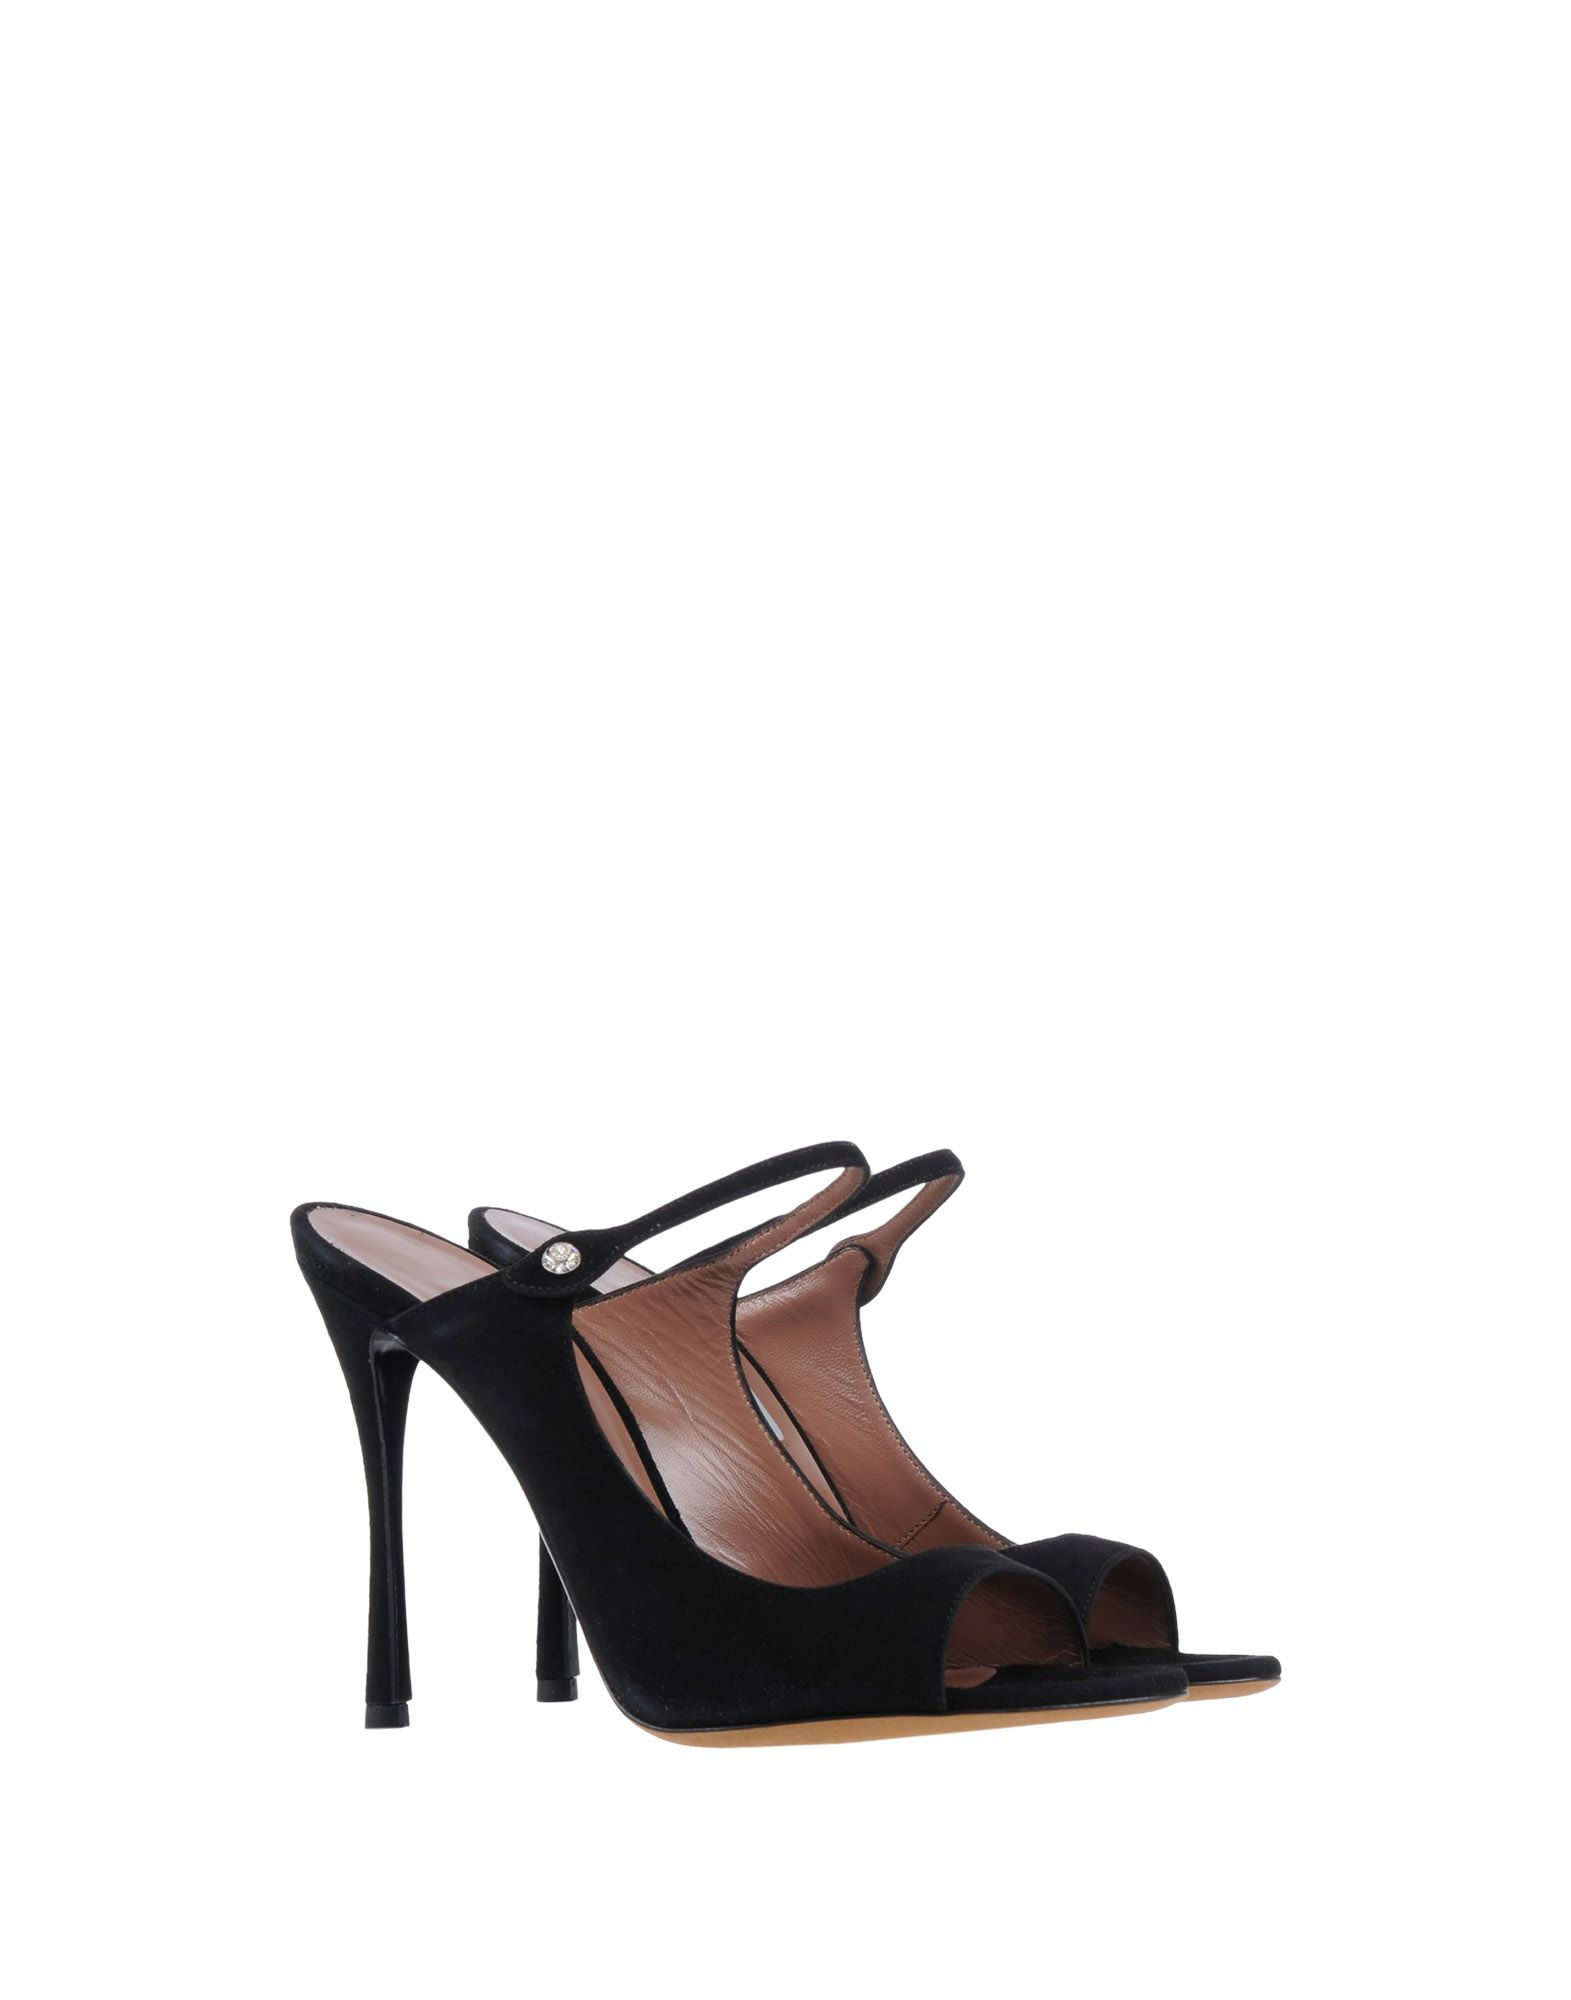 Rabatt Schuhe Tabitha Simmons Sandalen Damen  11476986LG